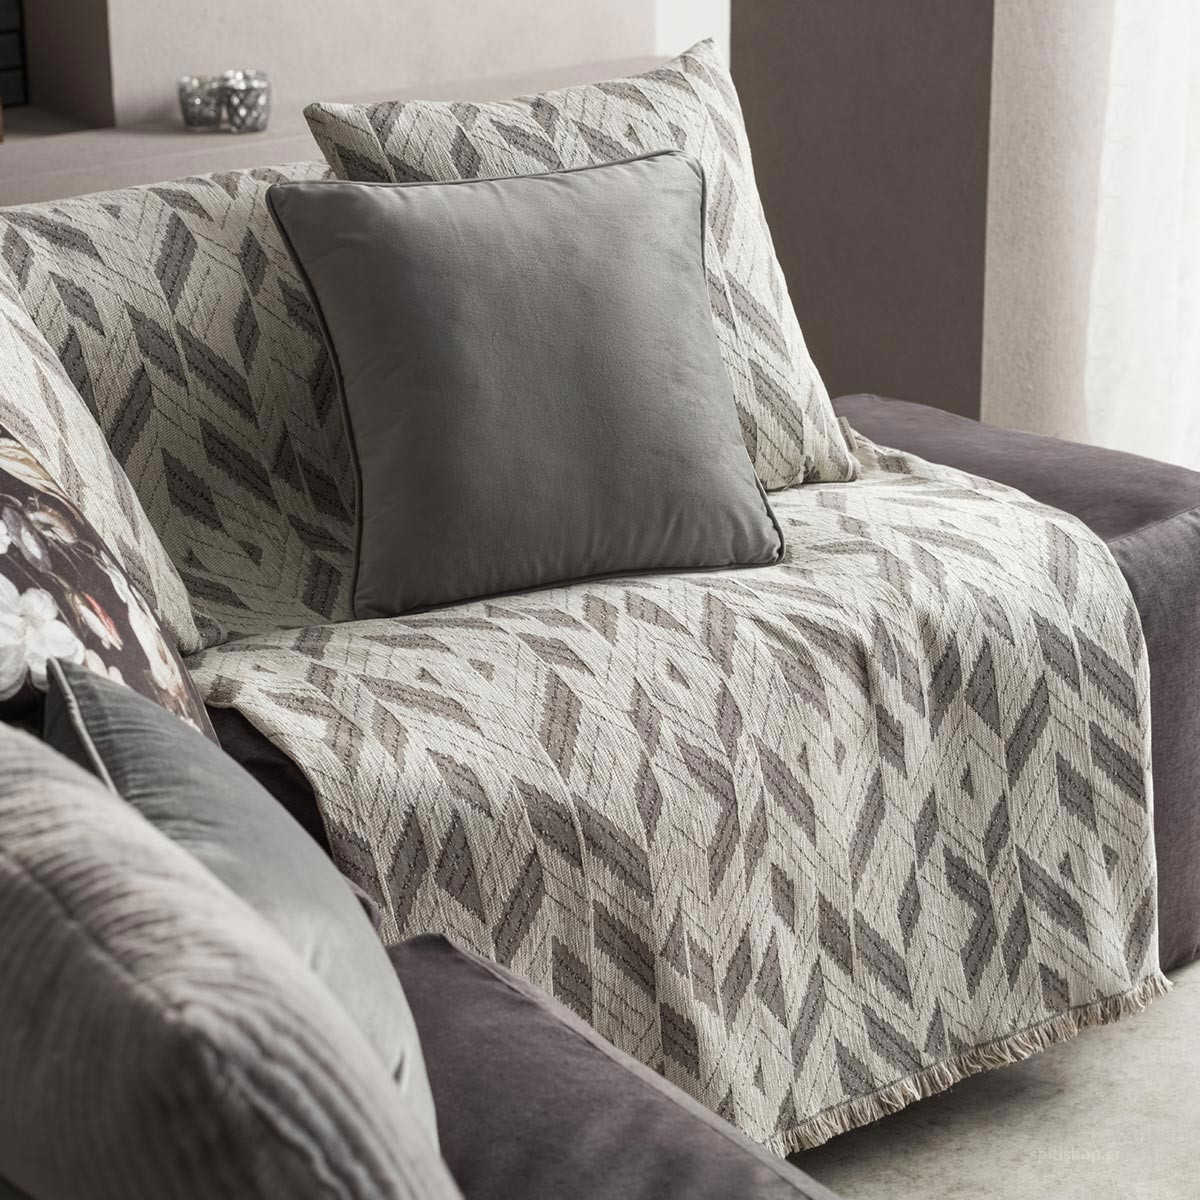 Ριχτάρι Πολυθρόνας (180×180) Gofis Home Niagra Grey 842/15